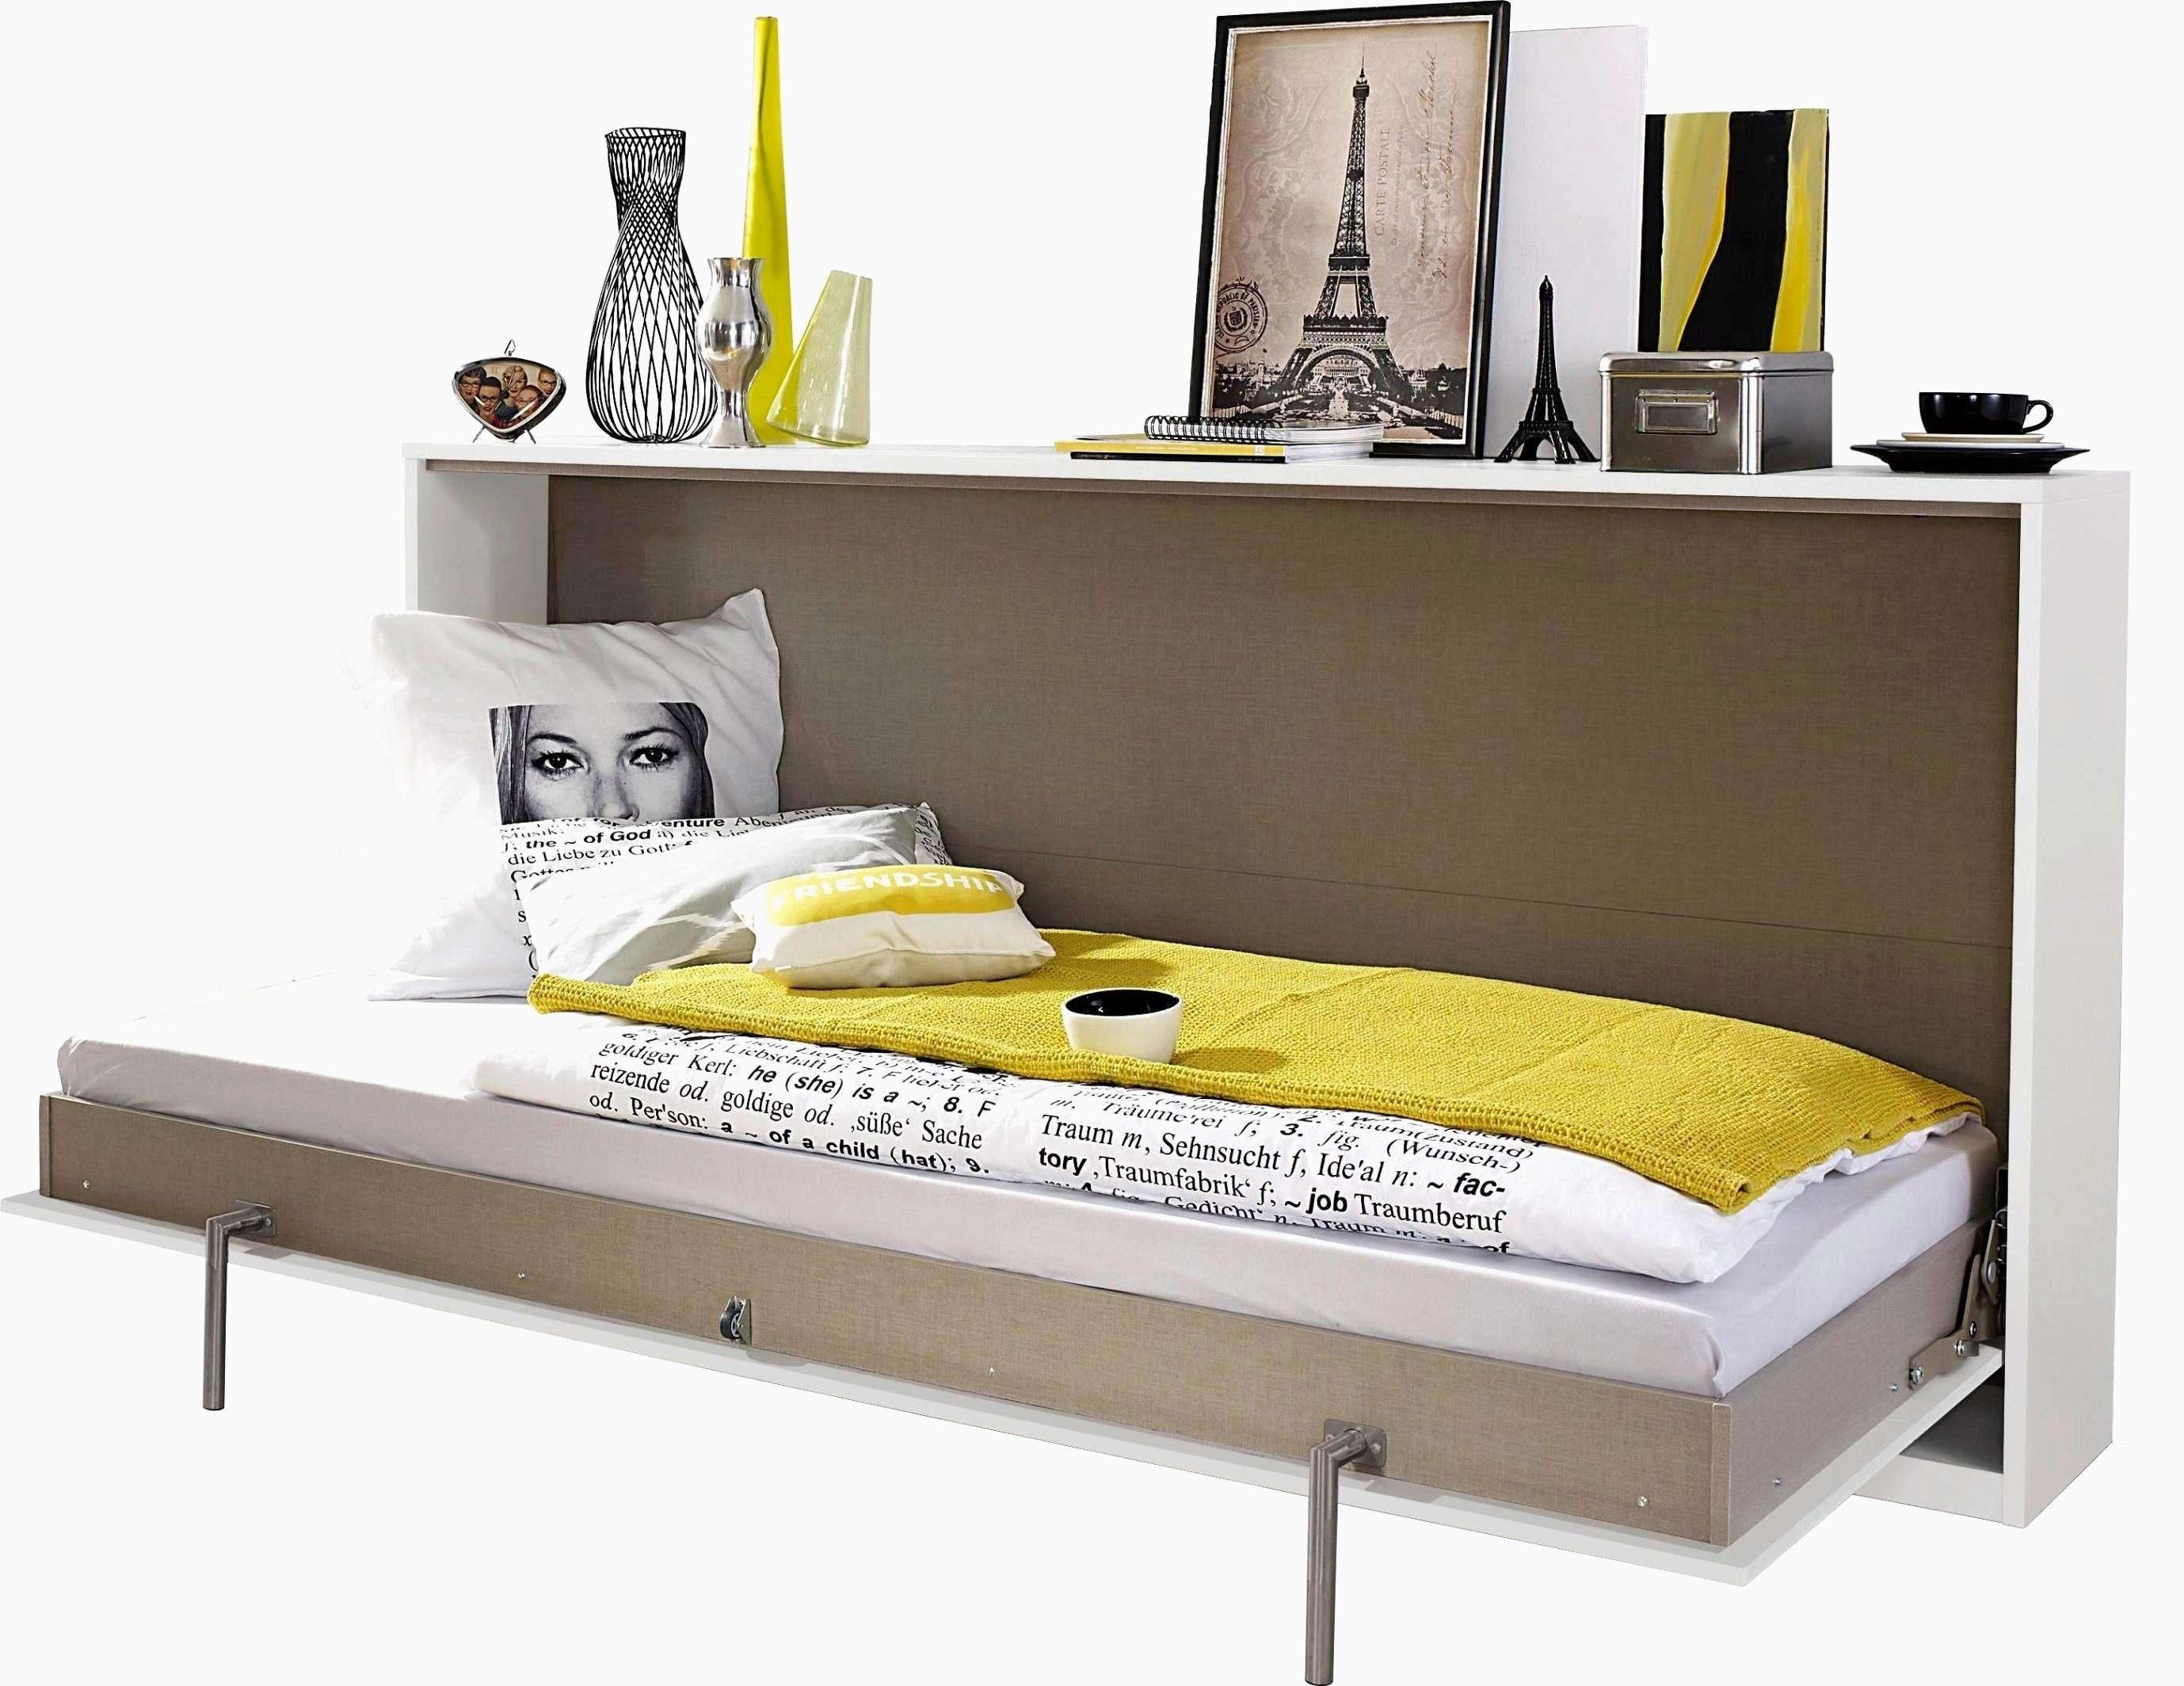 Fabriquer Tete De Lit Avec Rangement Nouveau Tete De Lit Rangement 160 Ikea Tete De Lit 160 Meilleur De Image